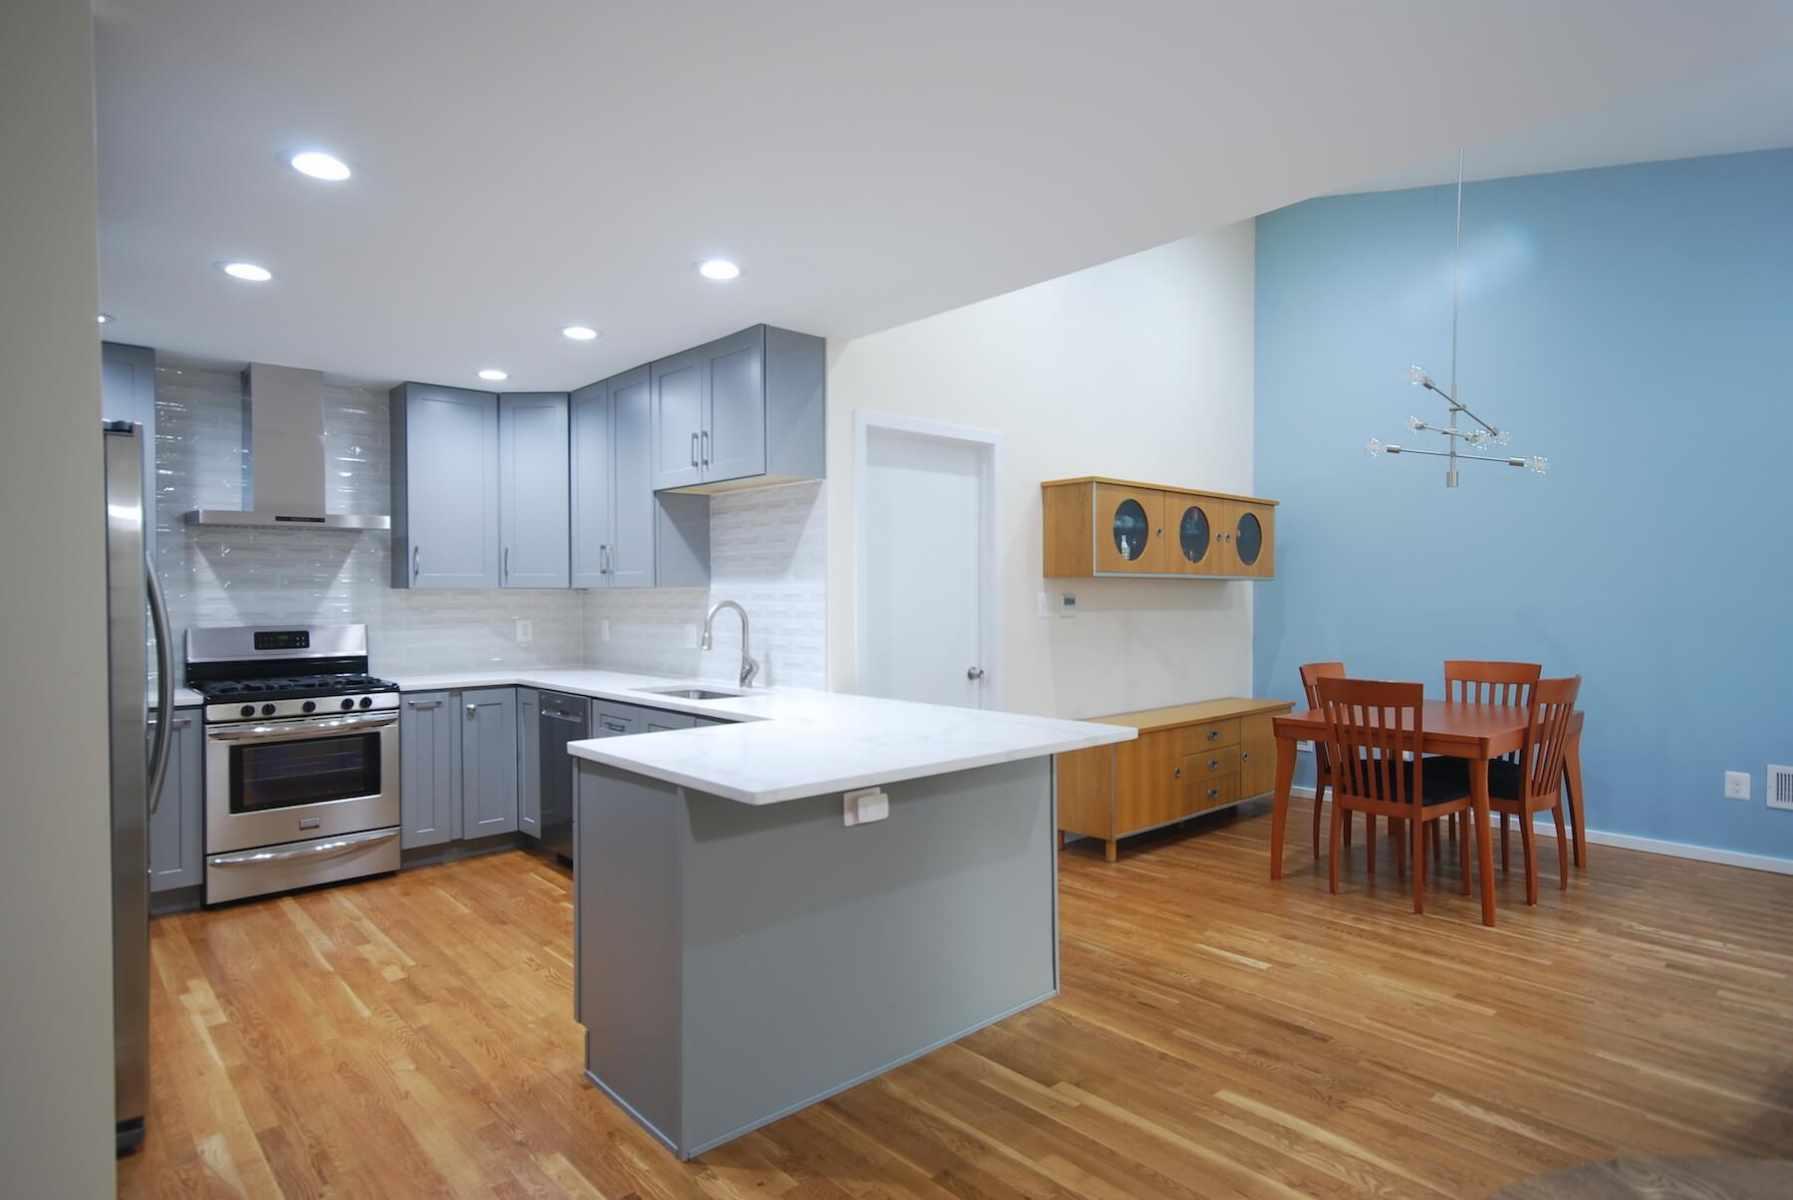 kitchenadd_8640-1